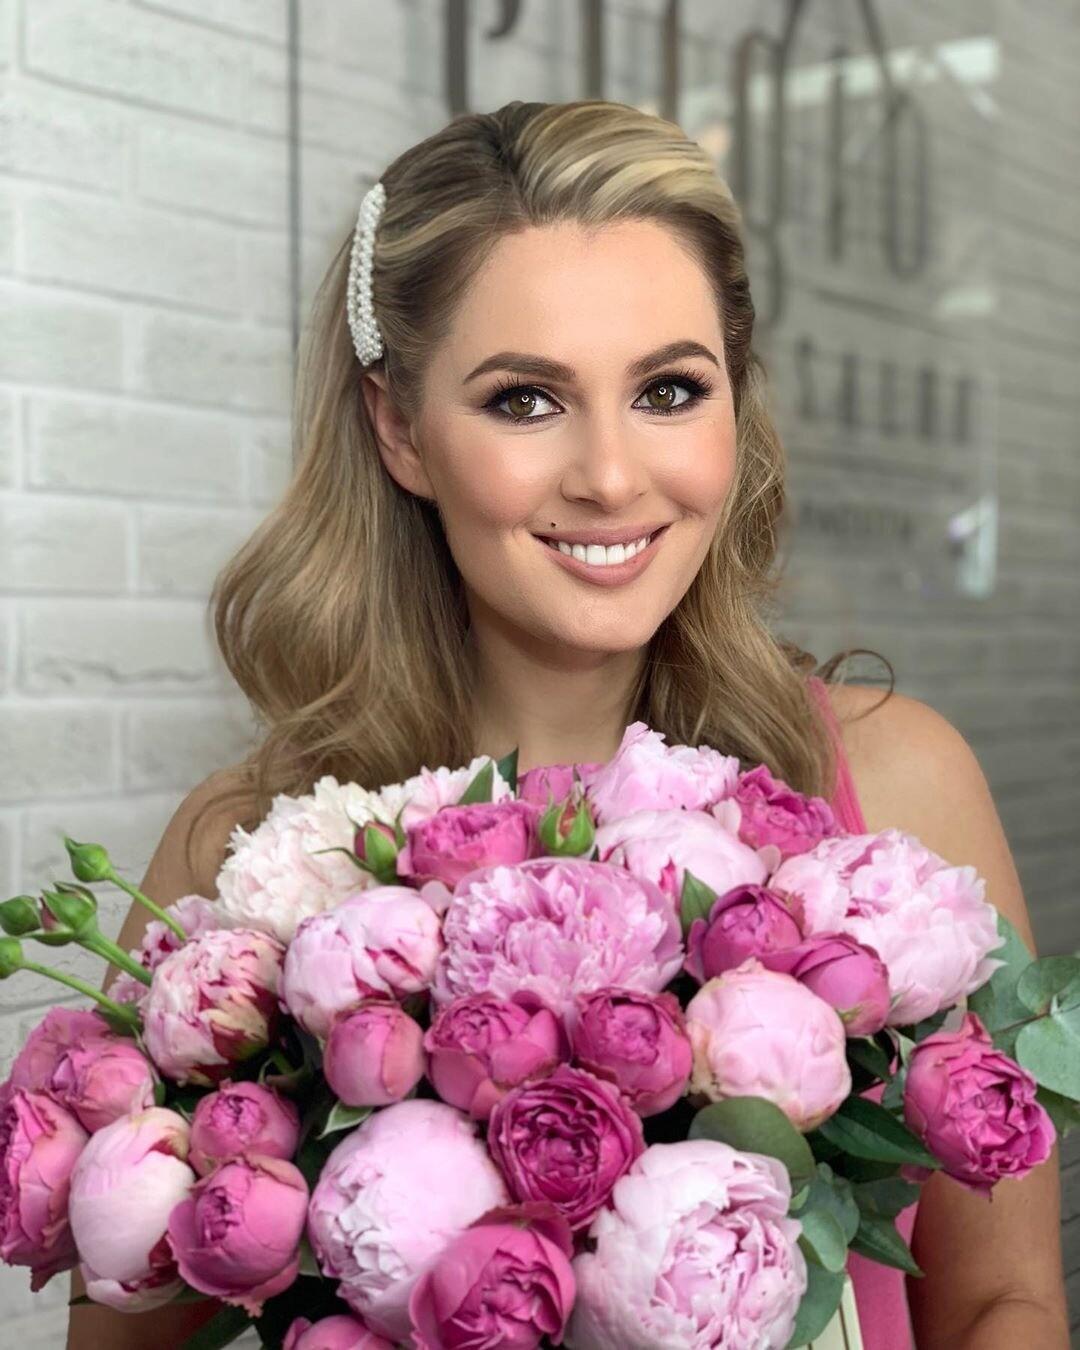 Мария Кожевникова получила на день рождения букет в свой рост